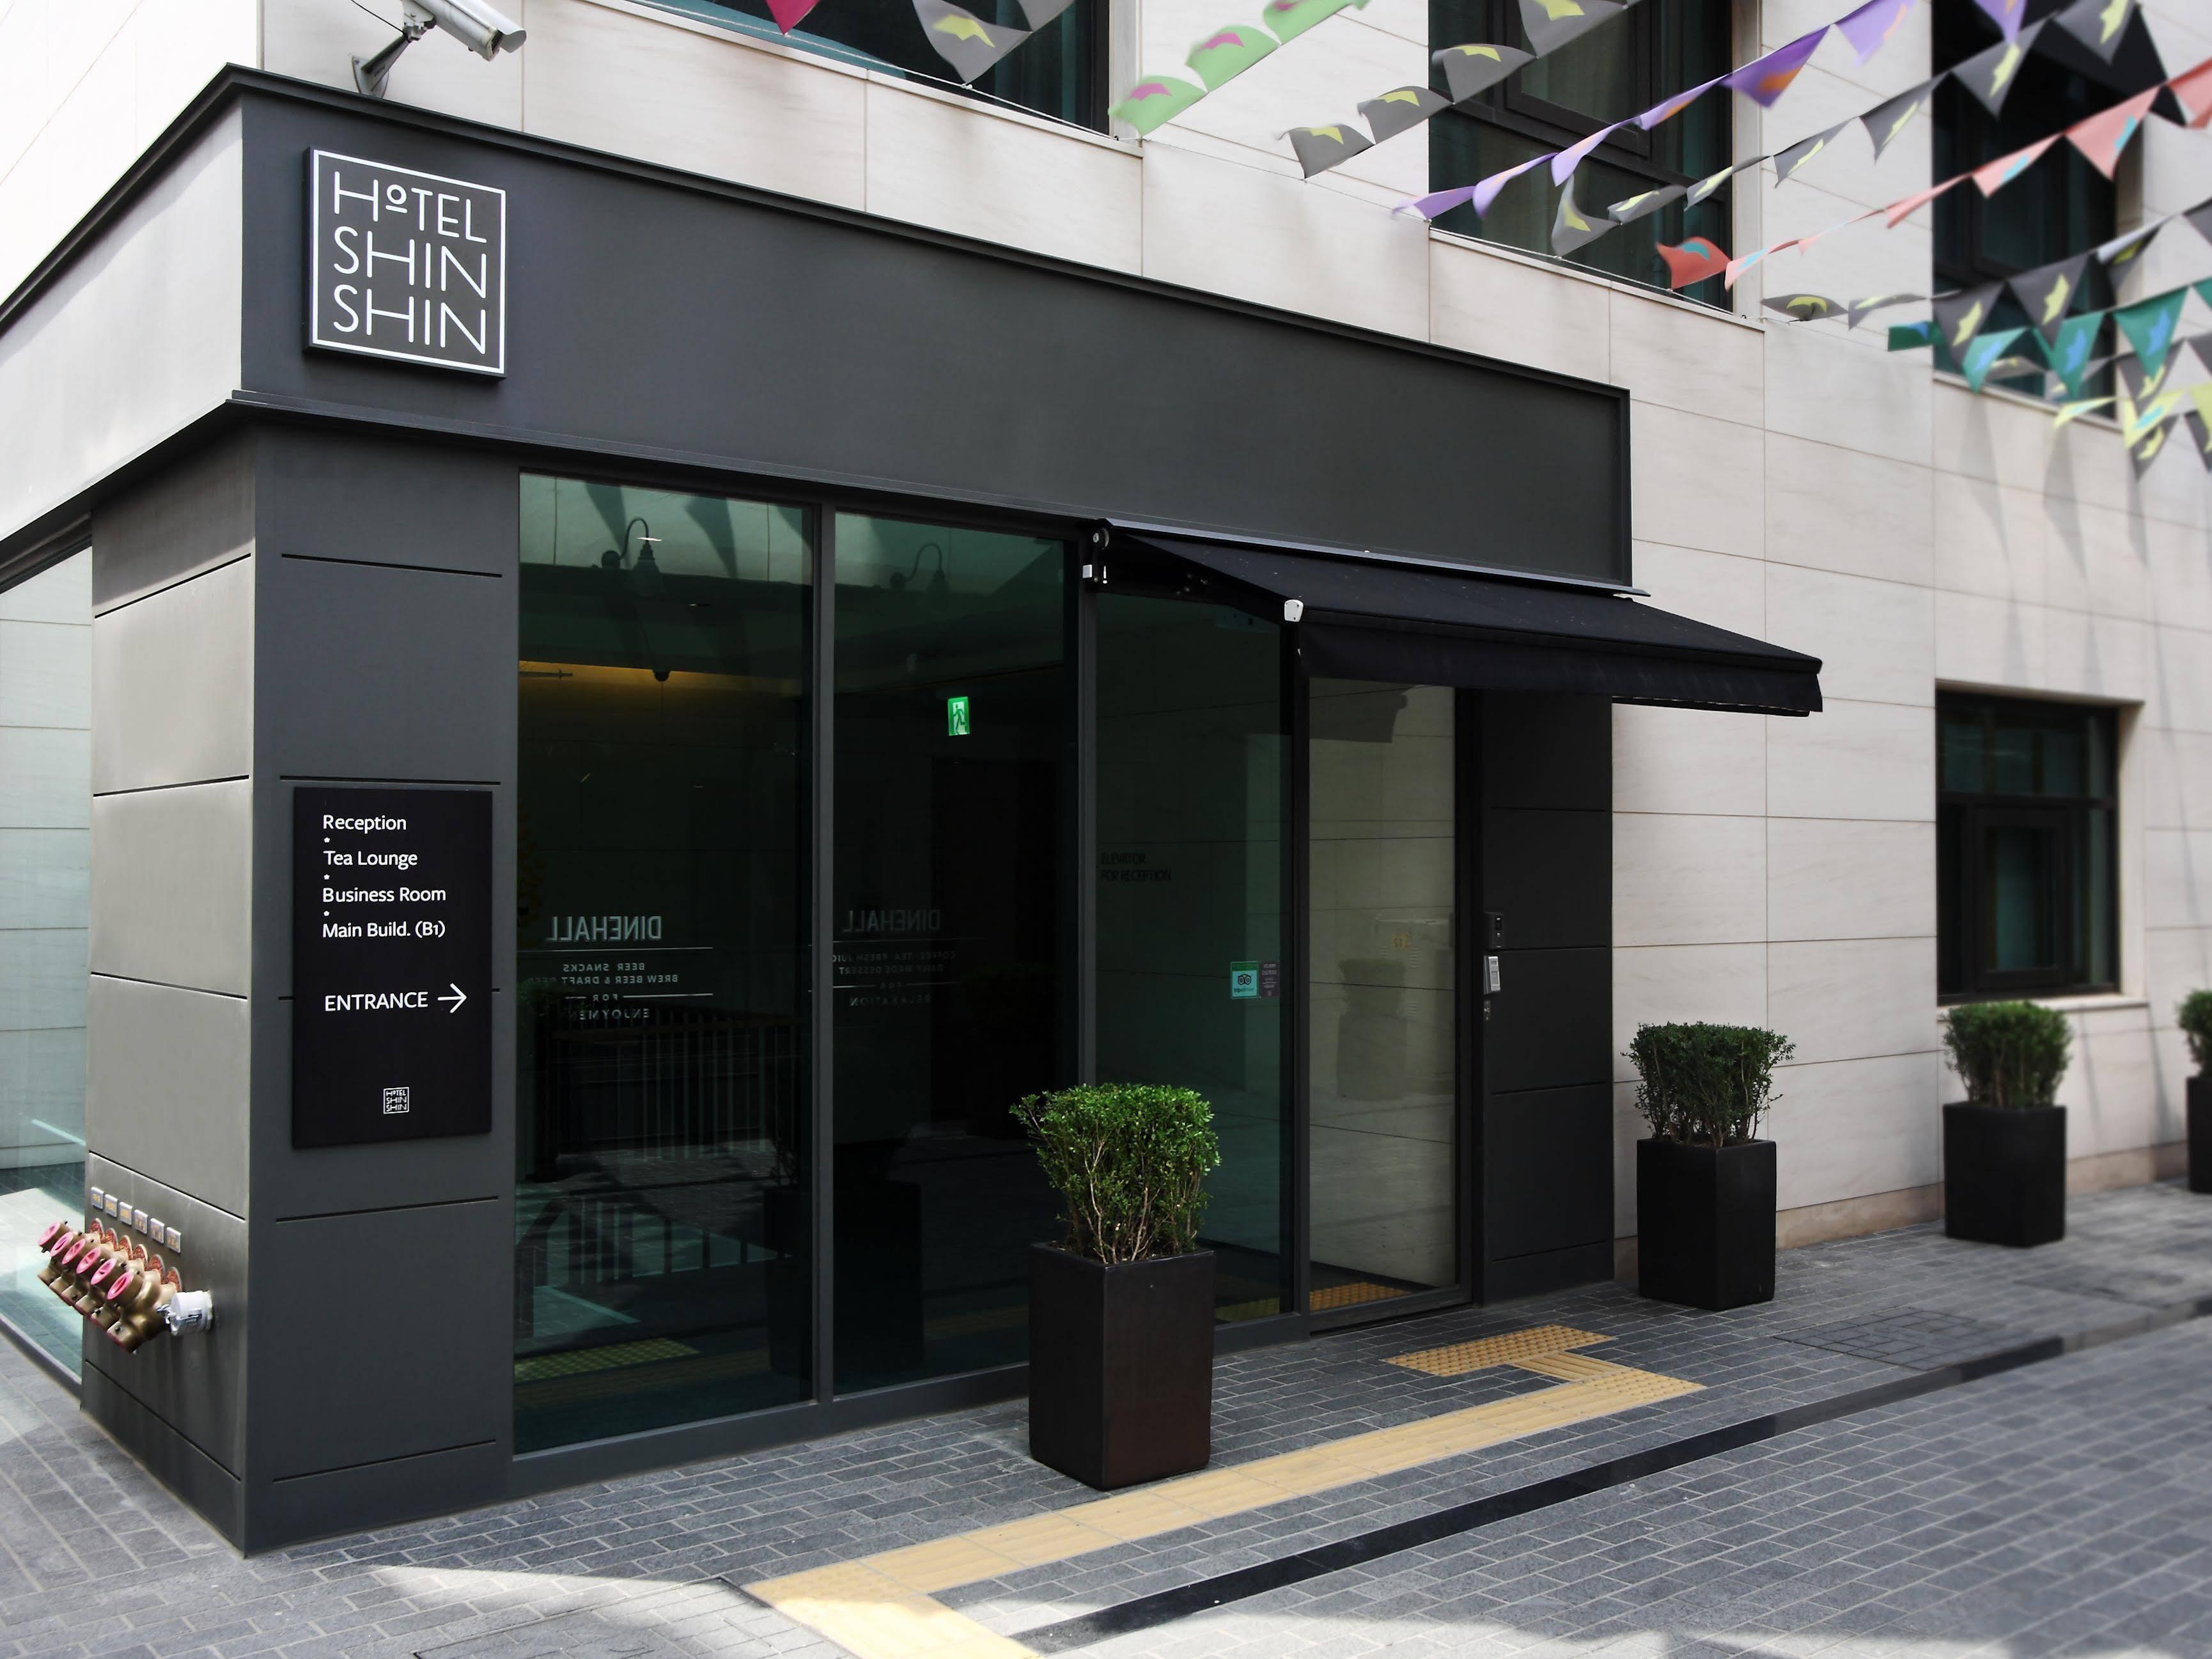 Hotel Shinshin